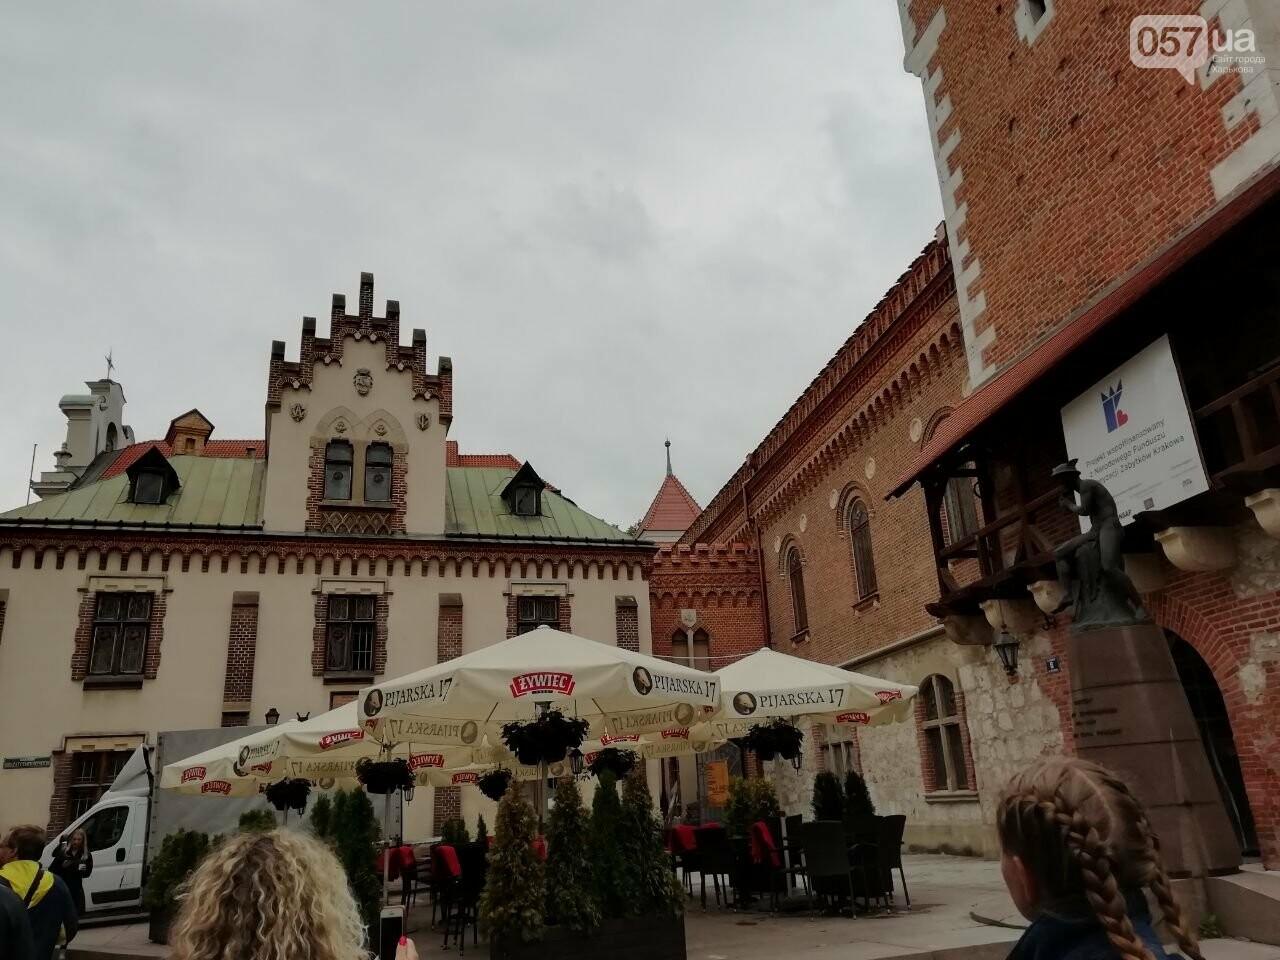 Из Харькова в Краков: Королевский замок, средневековые здания и музей под землей, - ФОТО, фото-4